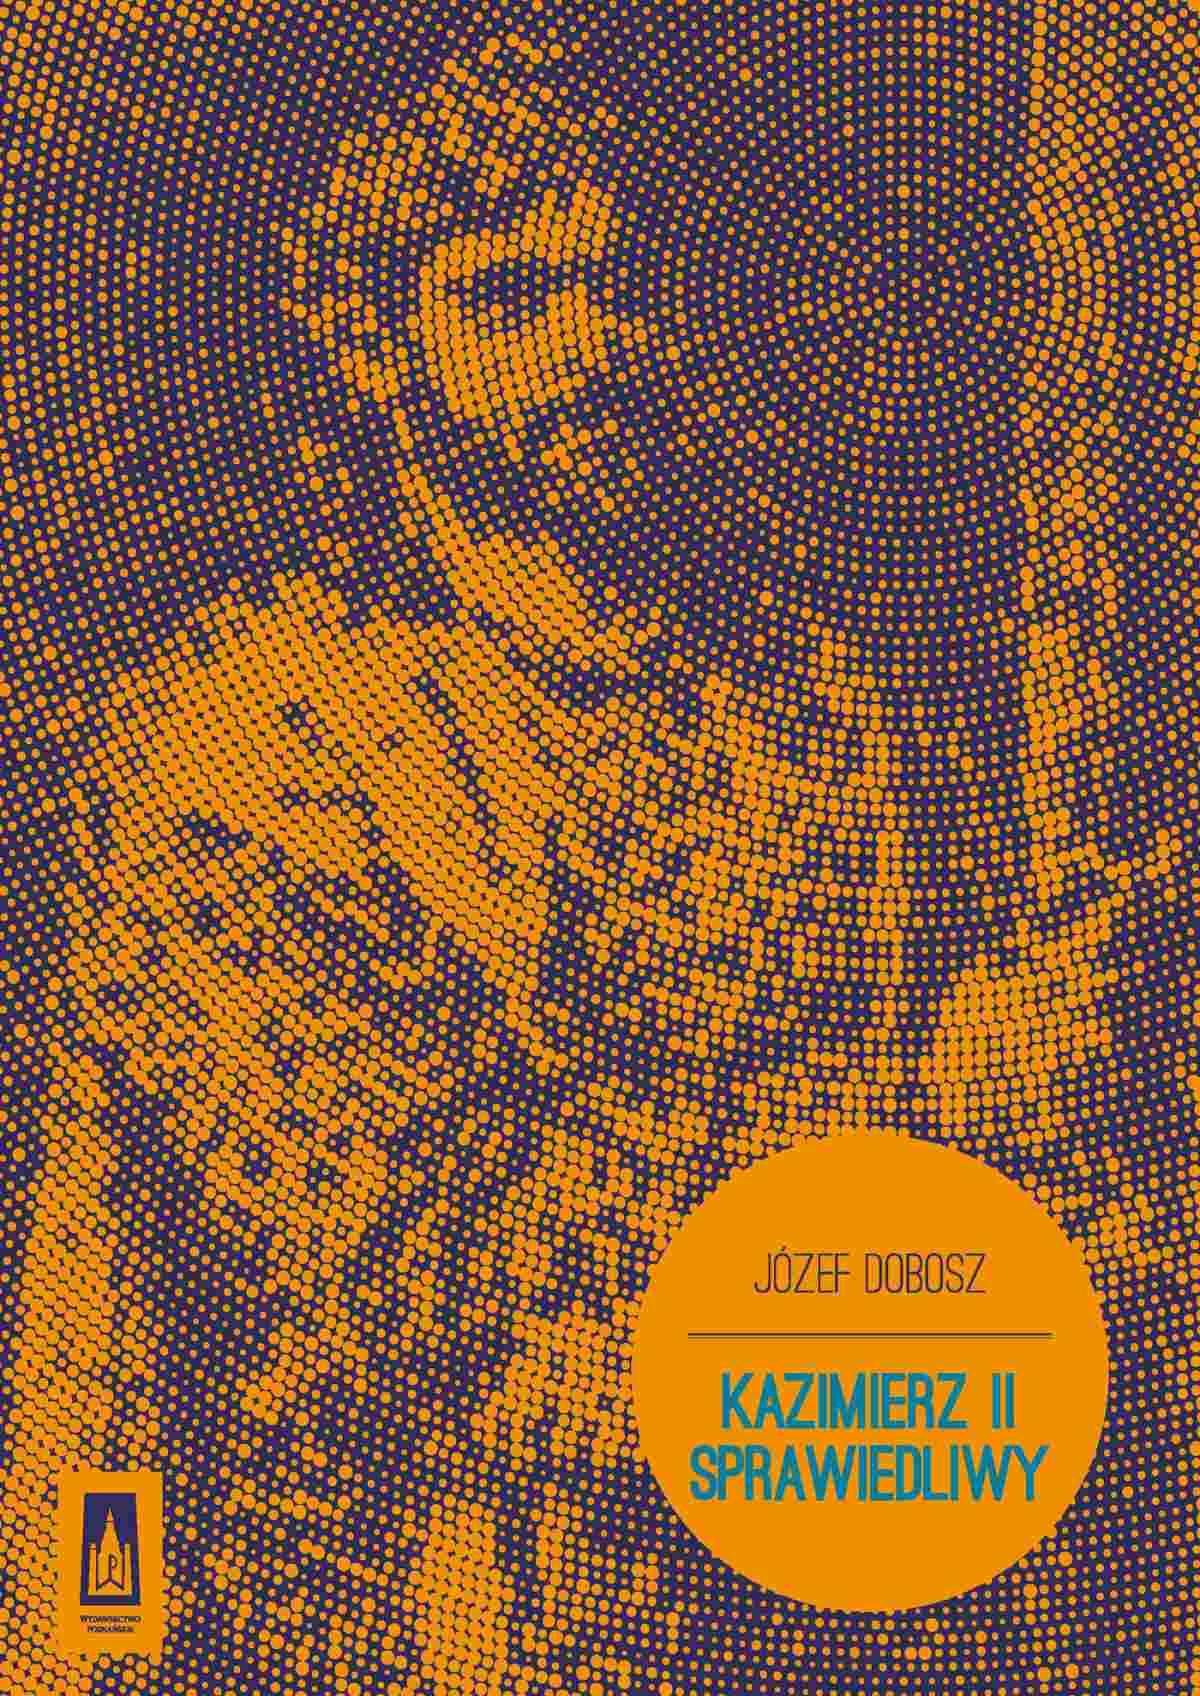 Kazimierz II Sprawiedliwy - Ebook (Książka EPUB) do pobrania w formacie EPUB